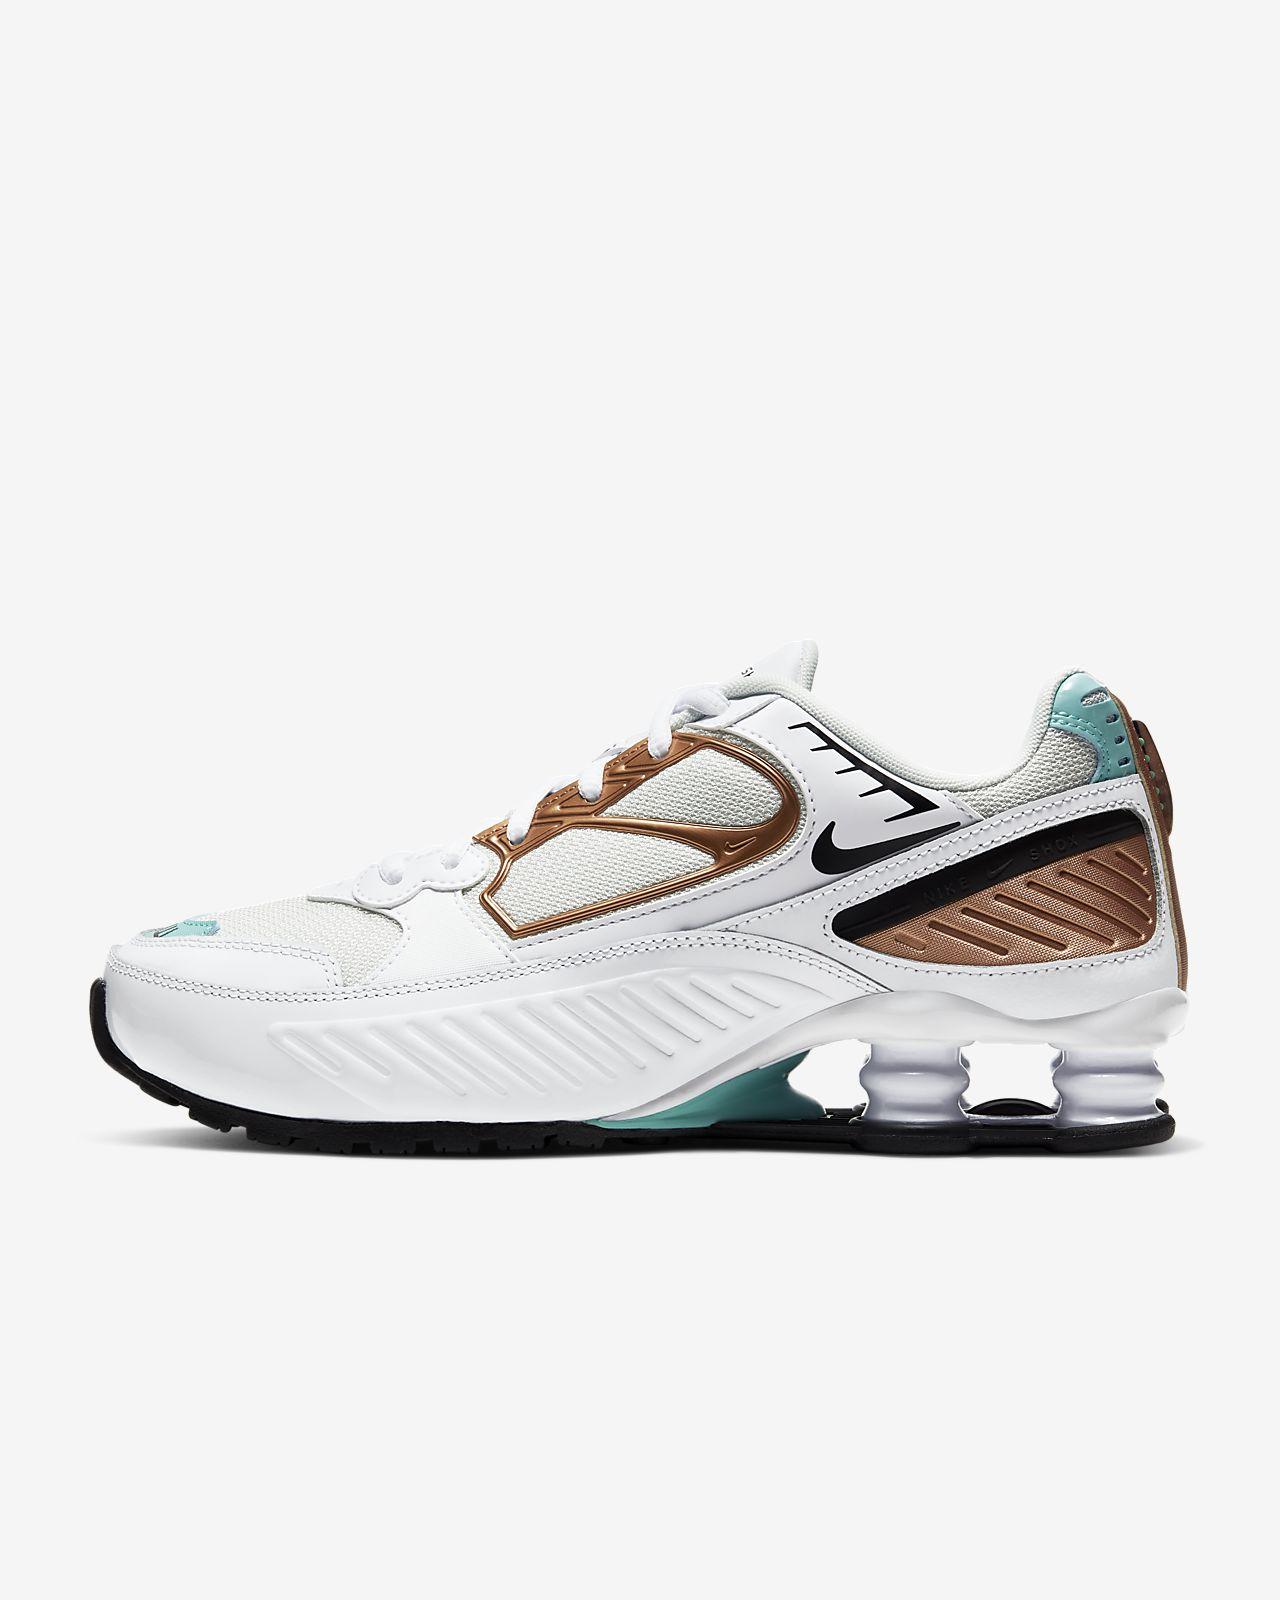 Sapatilhas Nike Shox Enigma 9000 para mulher